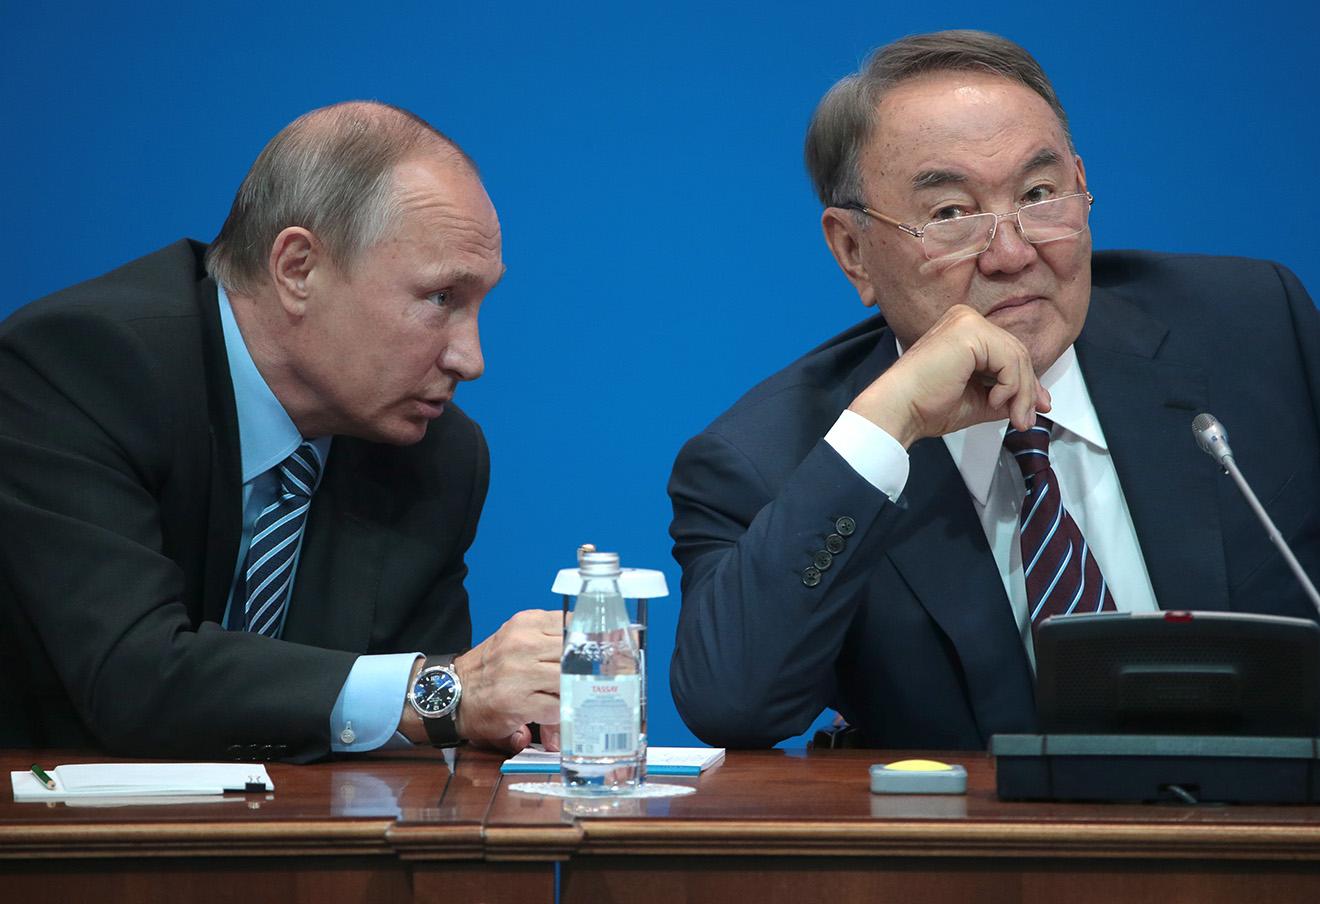 Владимир Путин и Нурсултан Назарбаев. Фото: Михаил Метцель / ТАСС